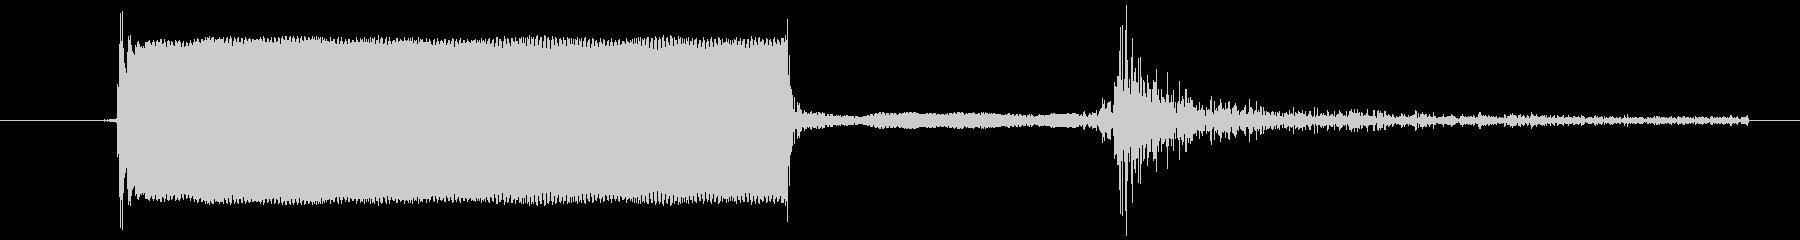 電子機器のスイッチを押した音ですの未再生の波形